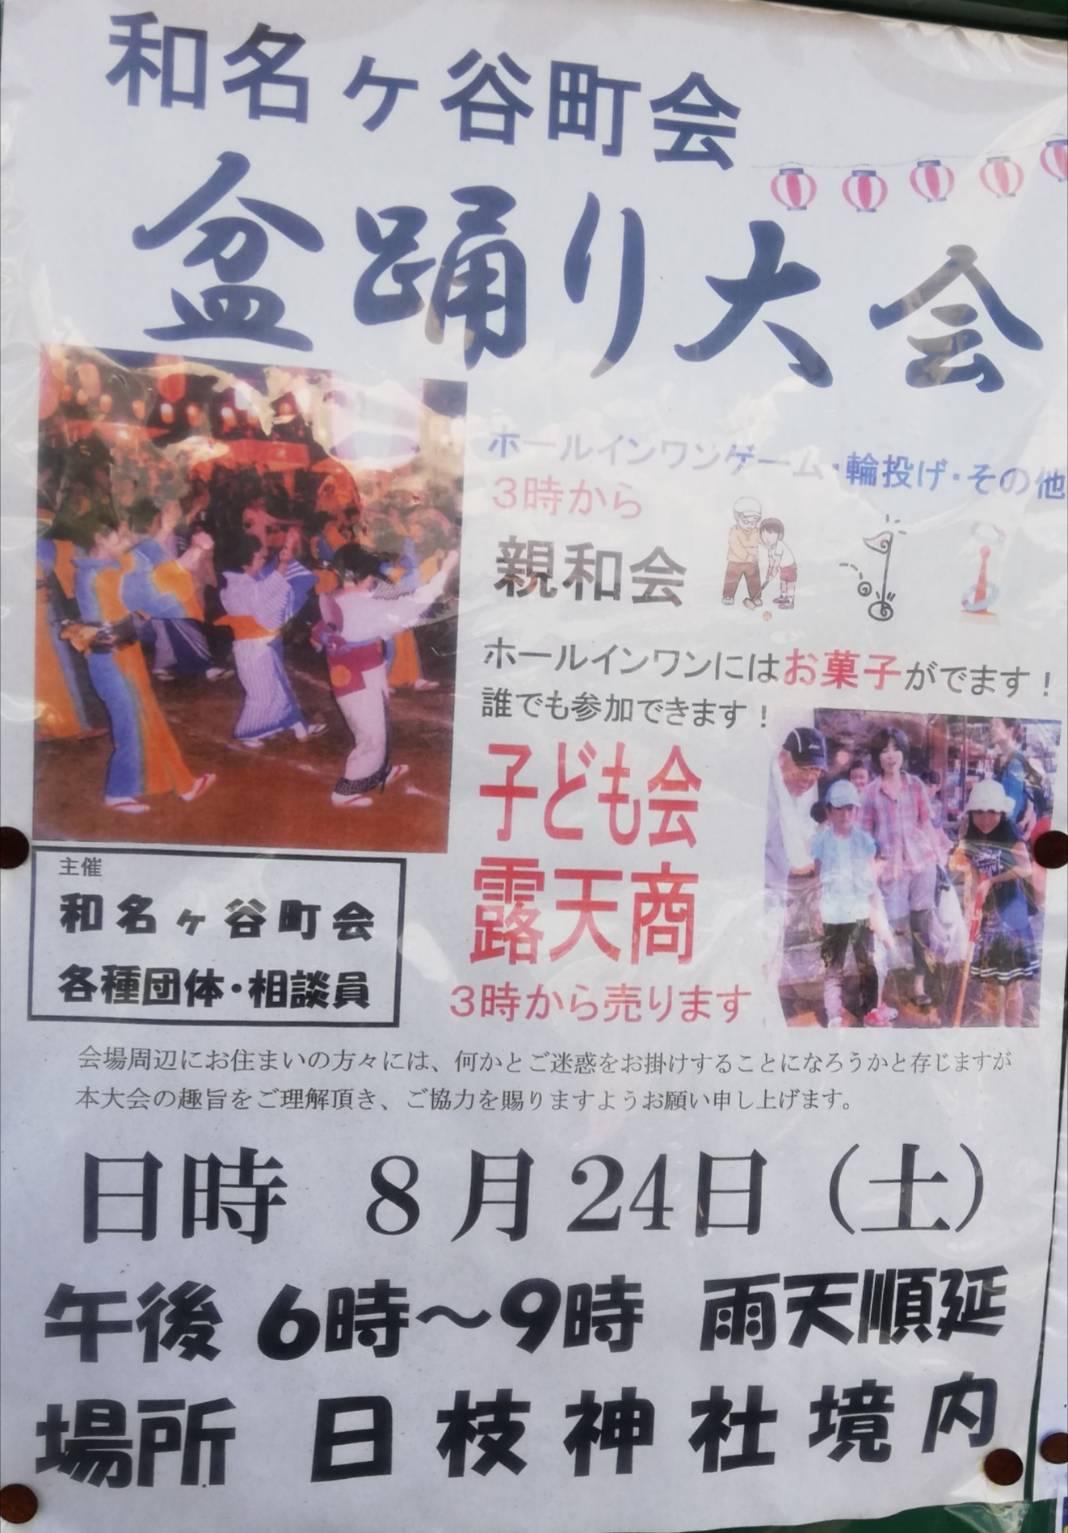 和名ヶ谷盆踊り日枝神社